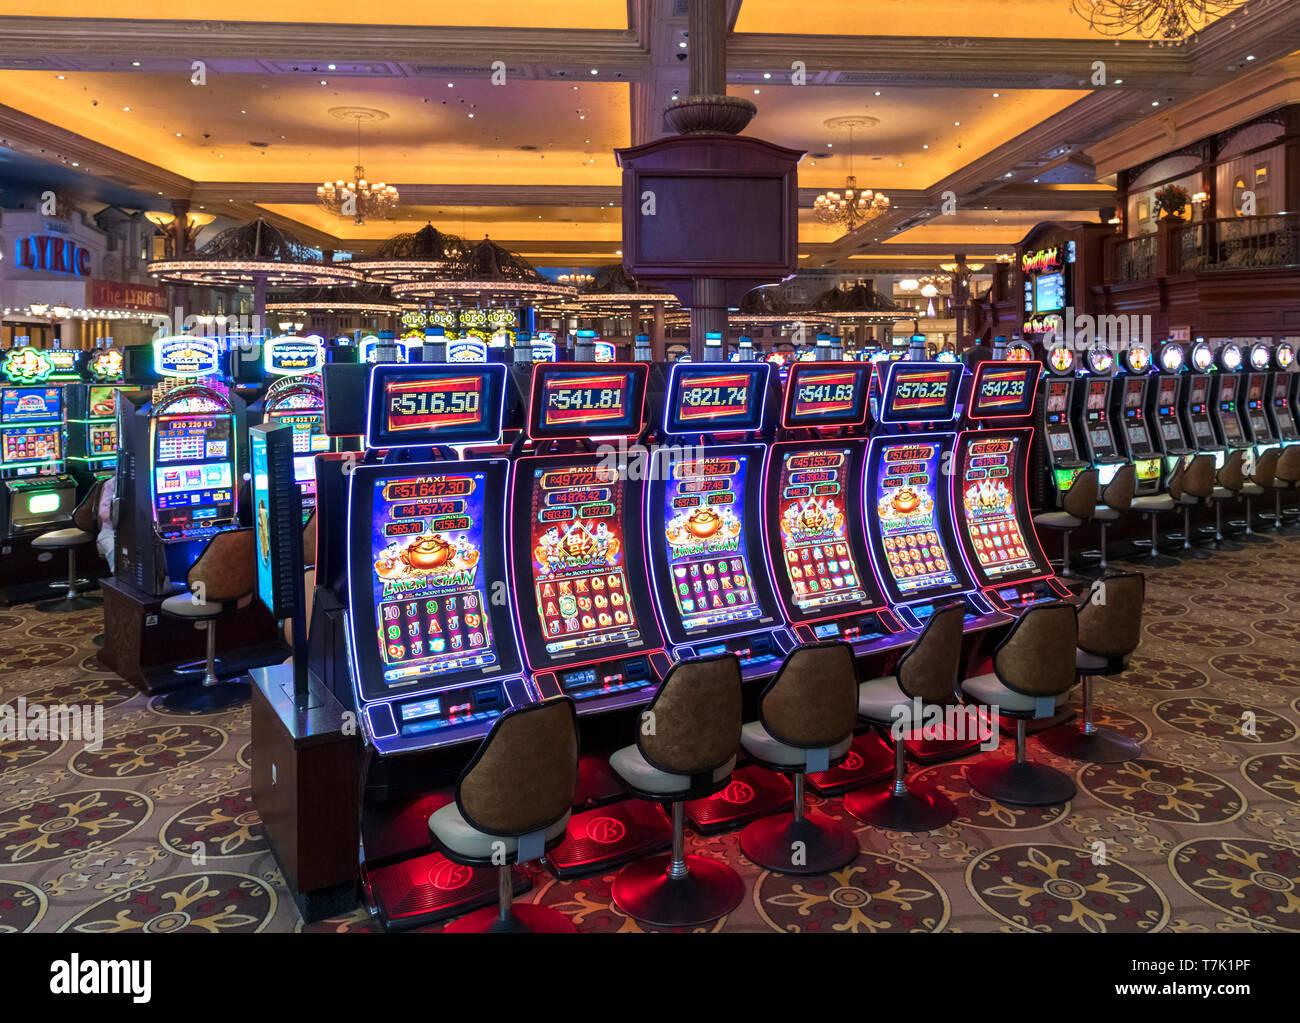 Job vacancies at gold reef city casino gambling addiction families